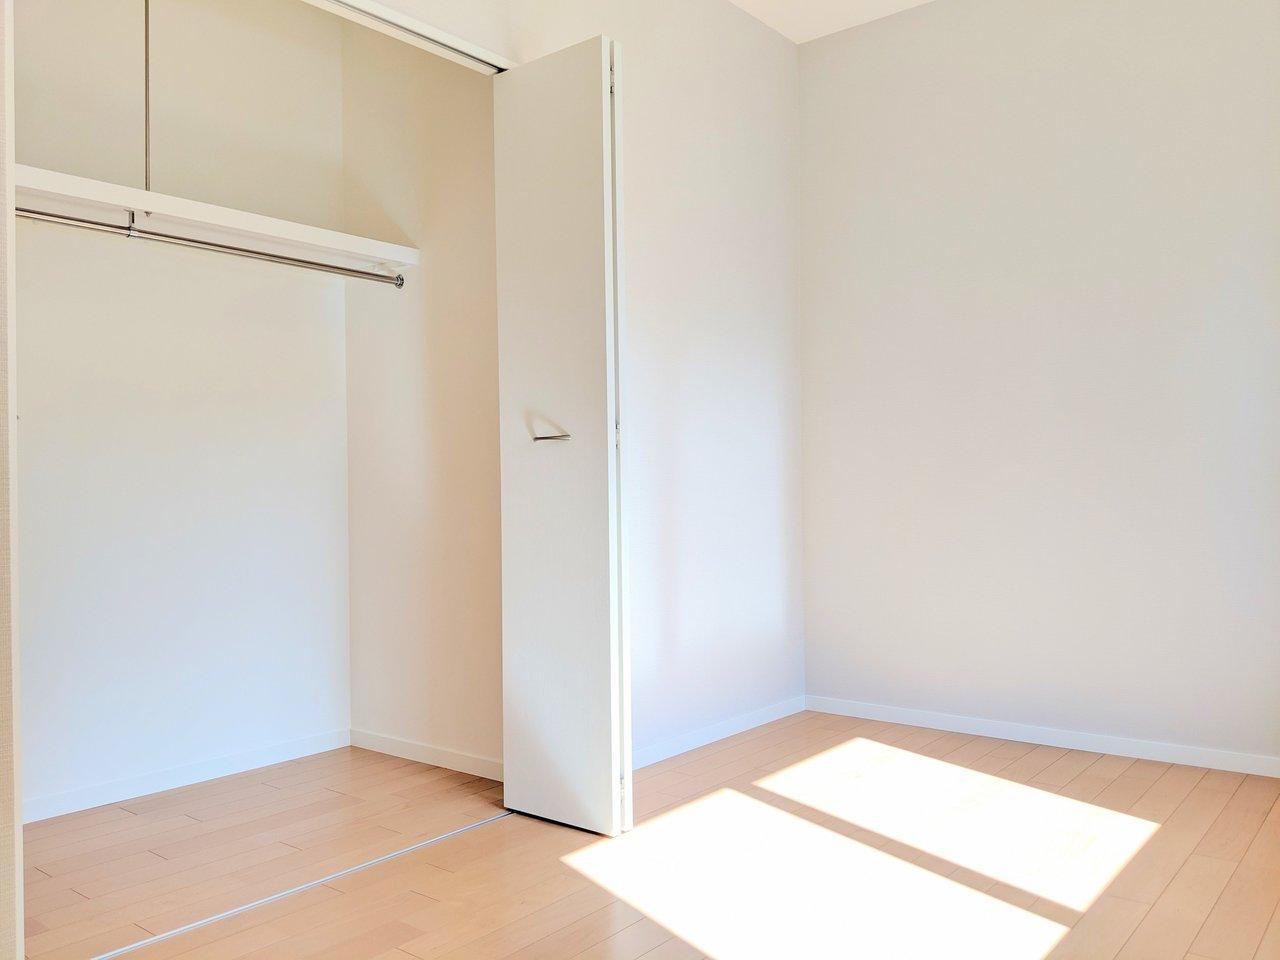 収納たっぷりのお部屋が3室!お子さんが大きくなっても長く住み続けられそうなお部屋。